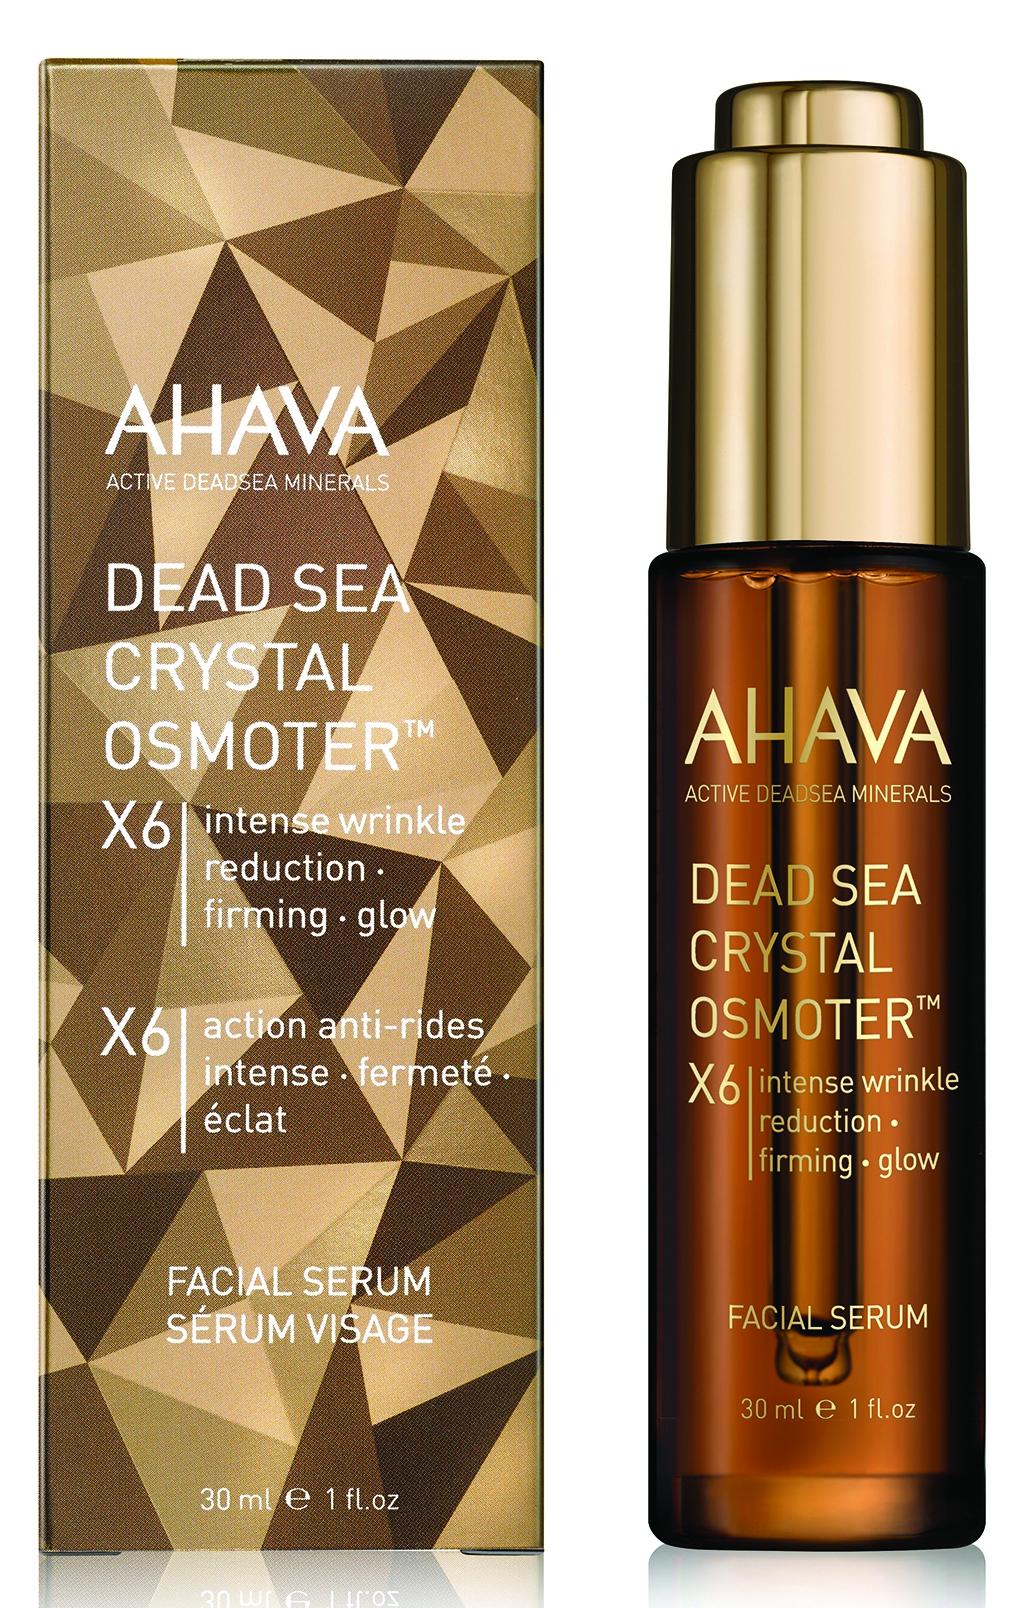 Купить AHAVA Концентрат минералов мертвого моря, сыворотка для лица / Crystal Osmoter 6x Dsoc 30 мл